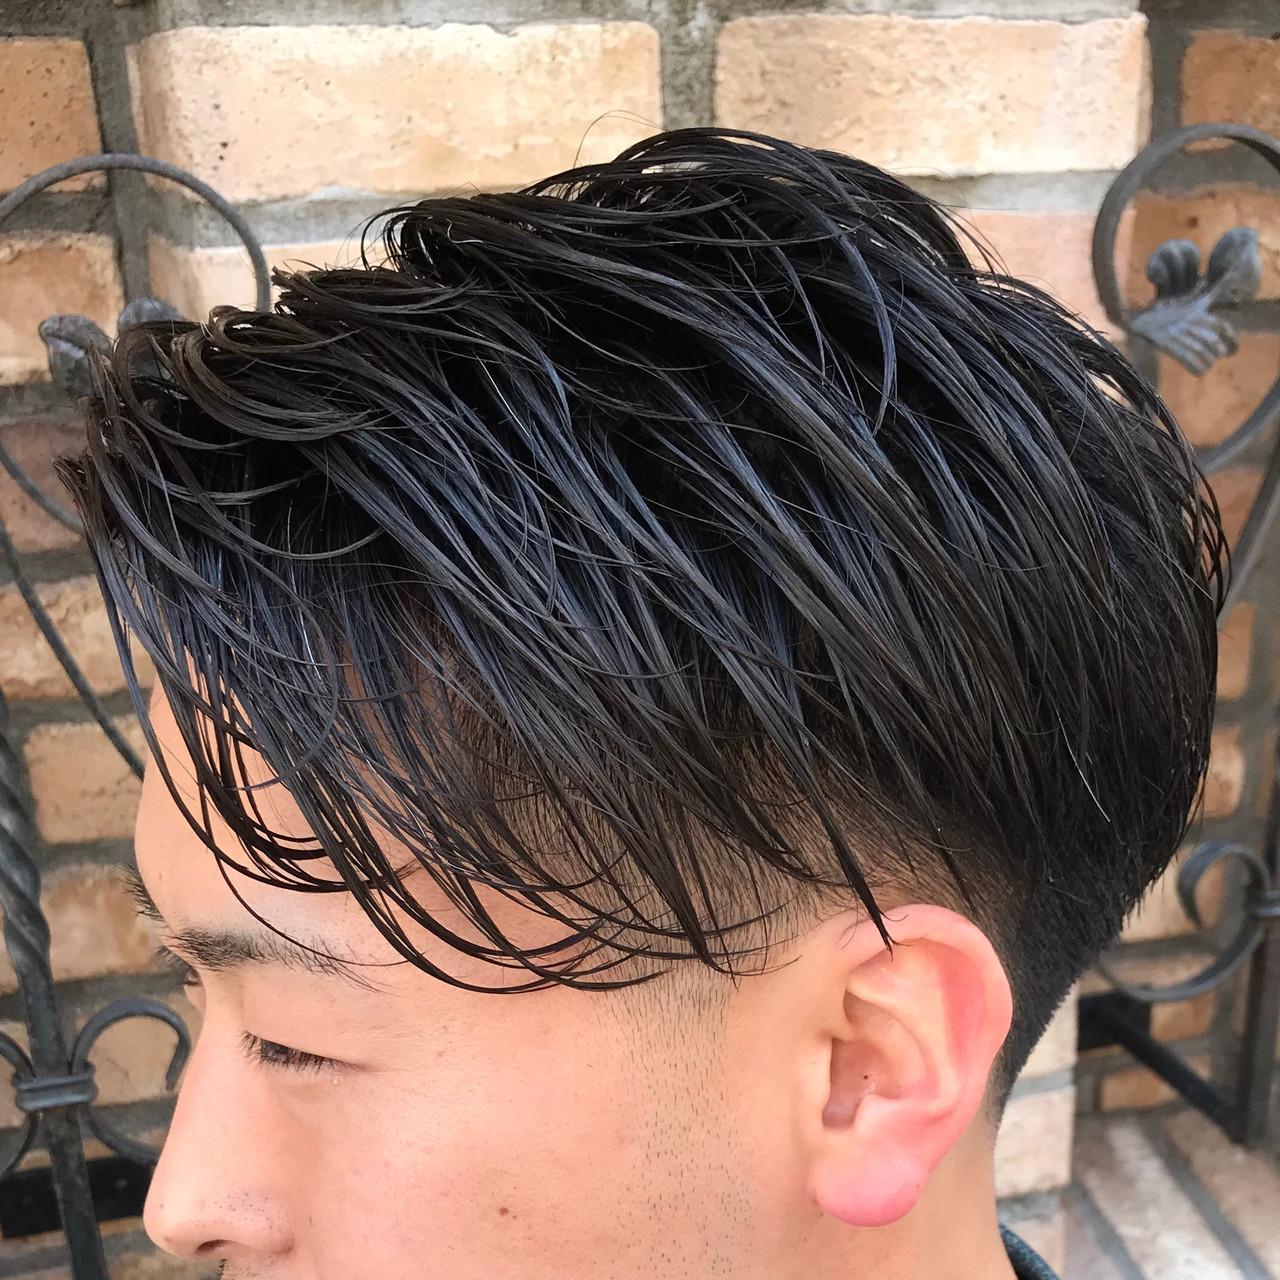 ナチュラル 刈り上げ メンズ 刈り上げショート ヘアスタイルや髪型の写真・画像